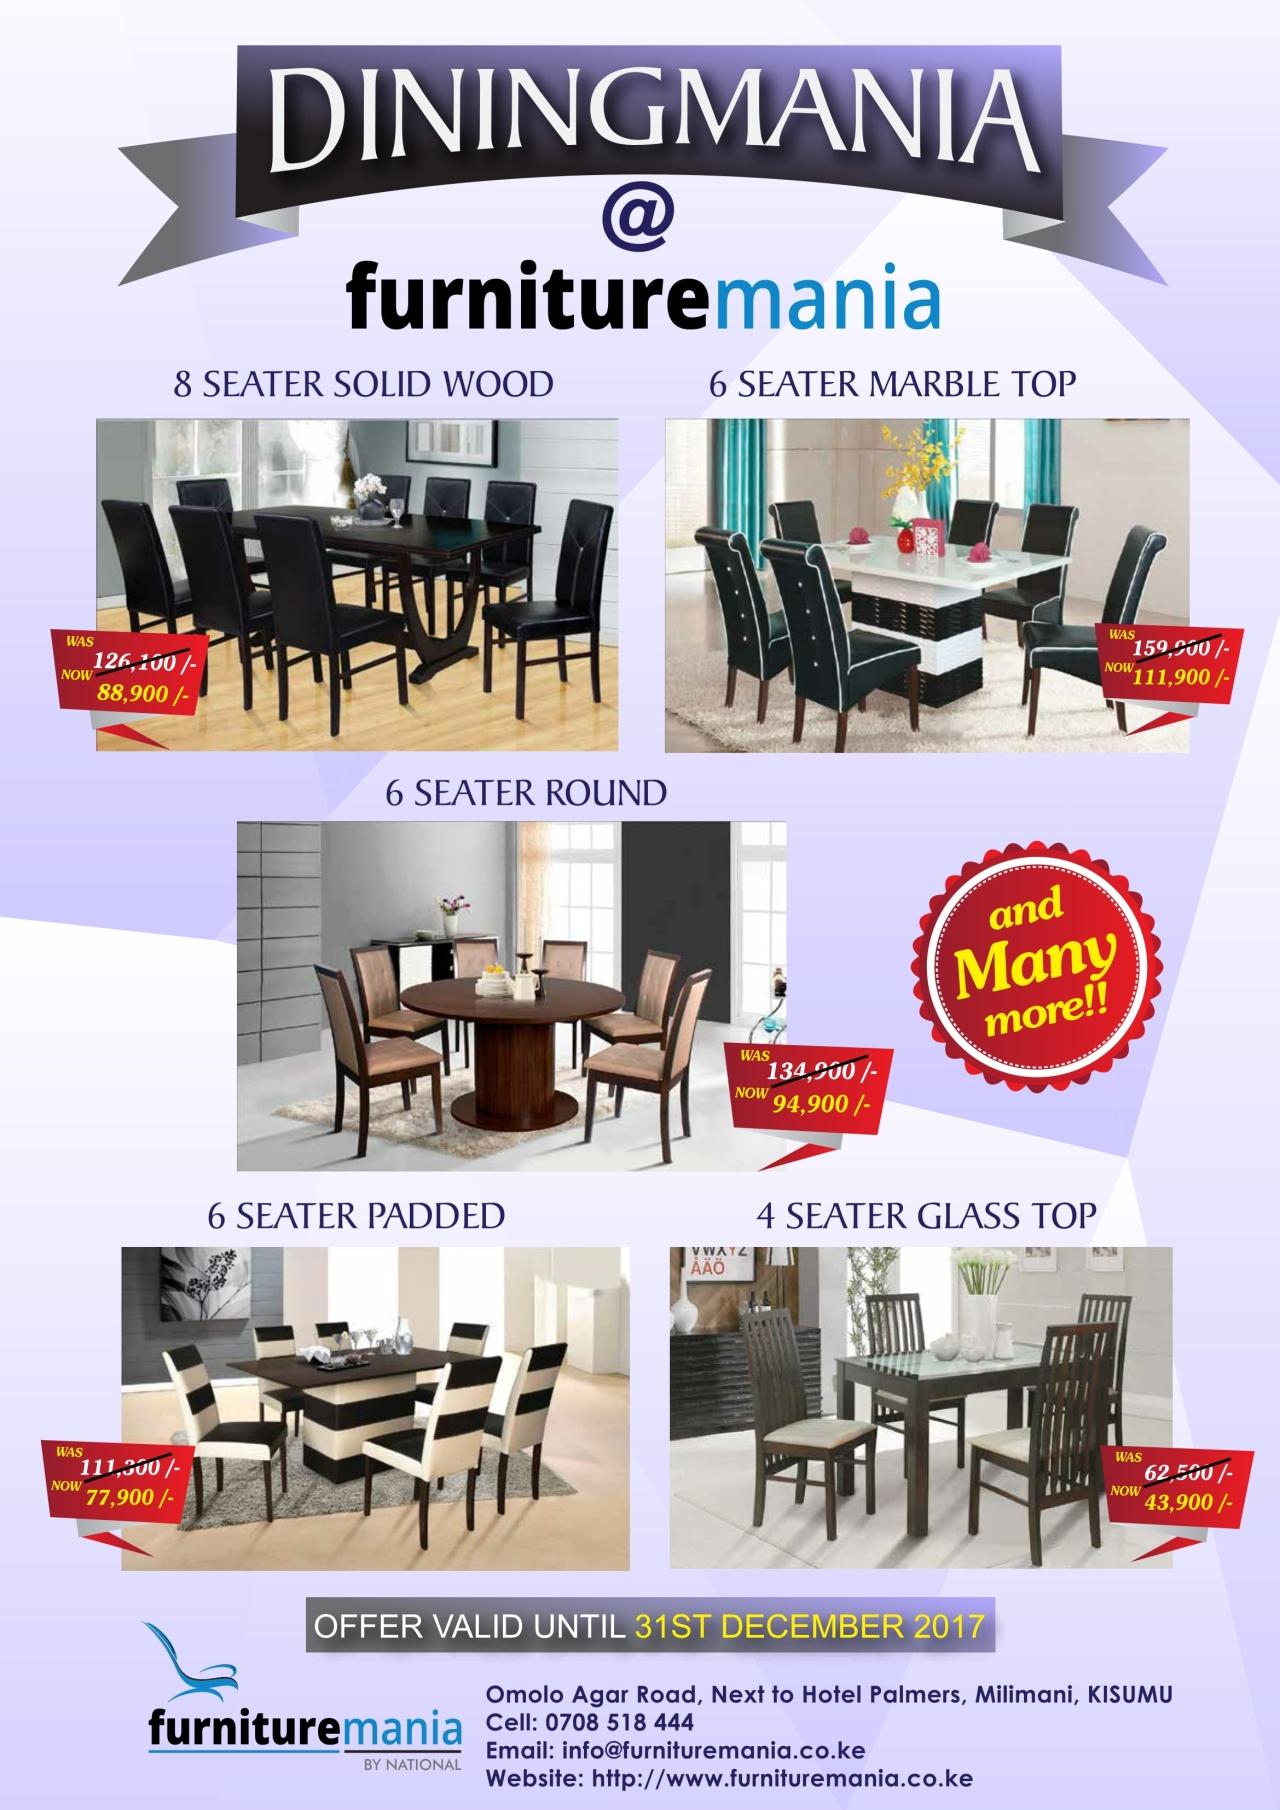 U201cDiningManiau201d At Furniture Mania!